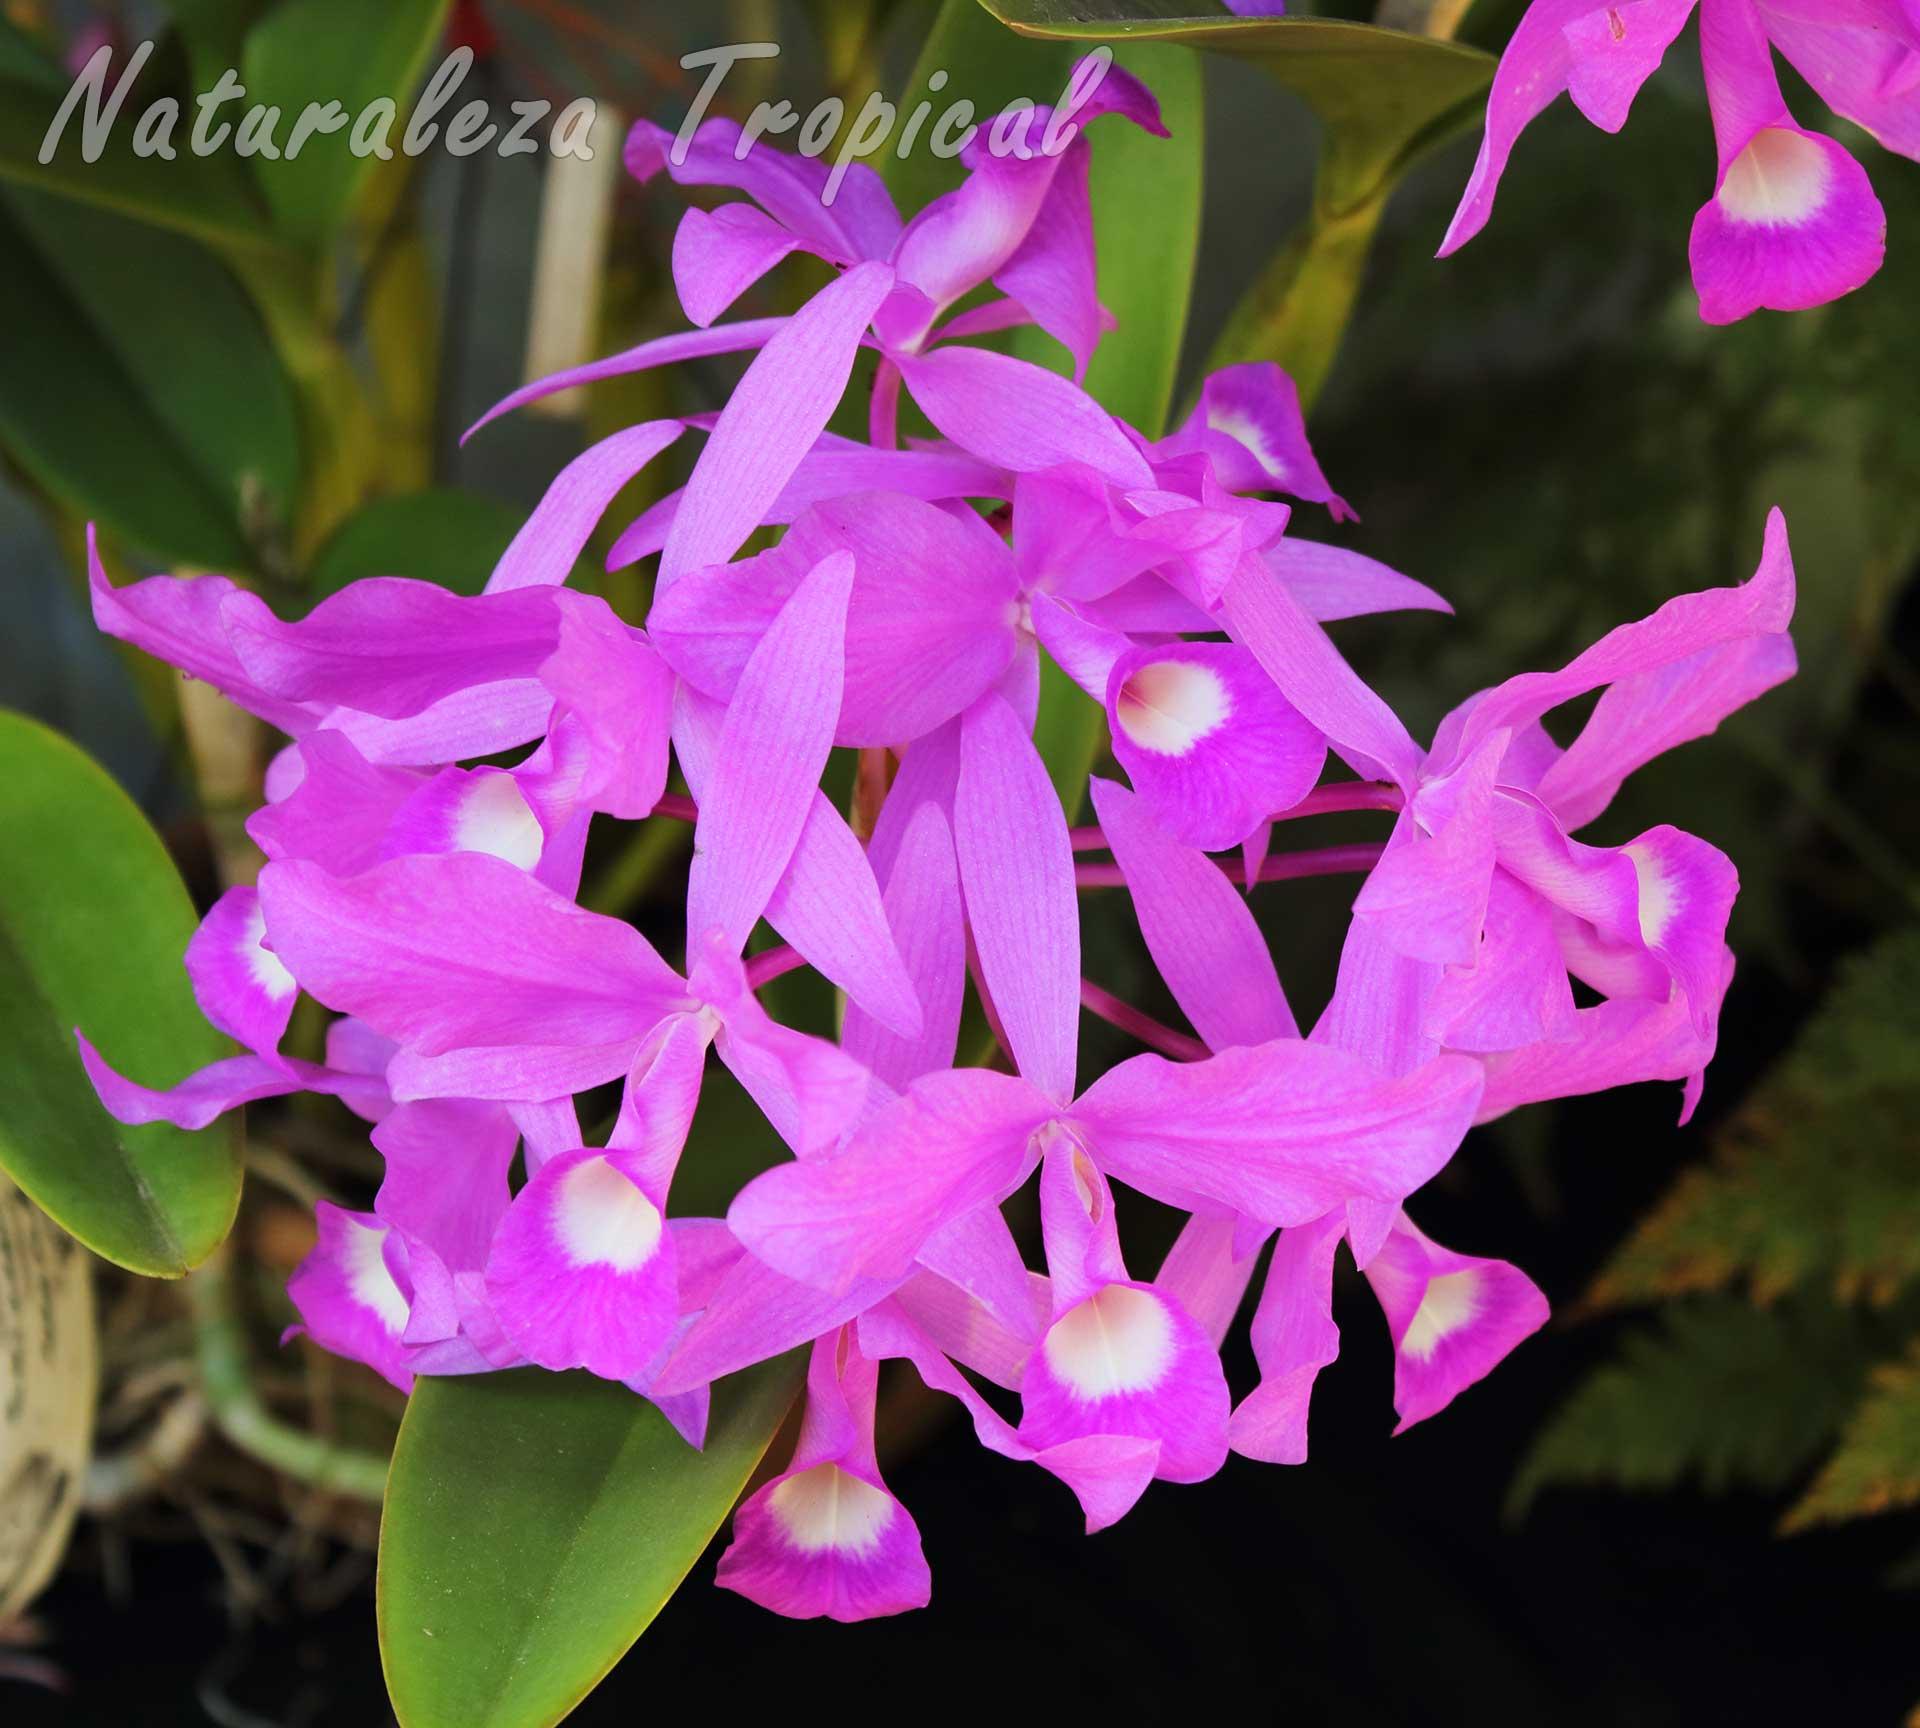 Flores características de la orquídea Guaria Morada, Guarianthe skinneri